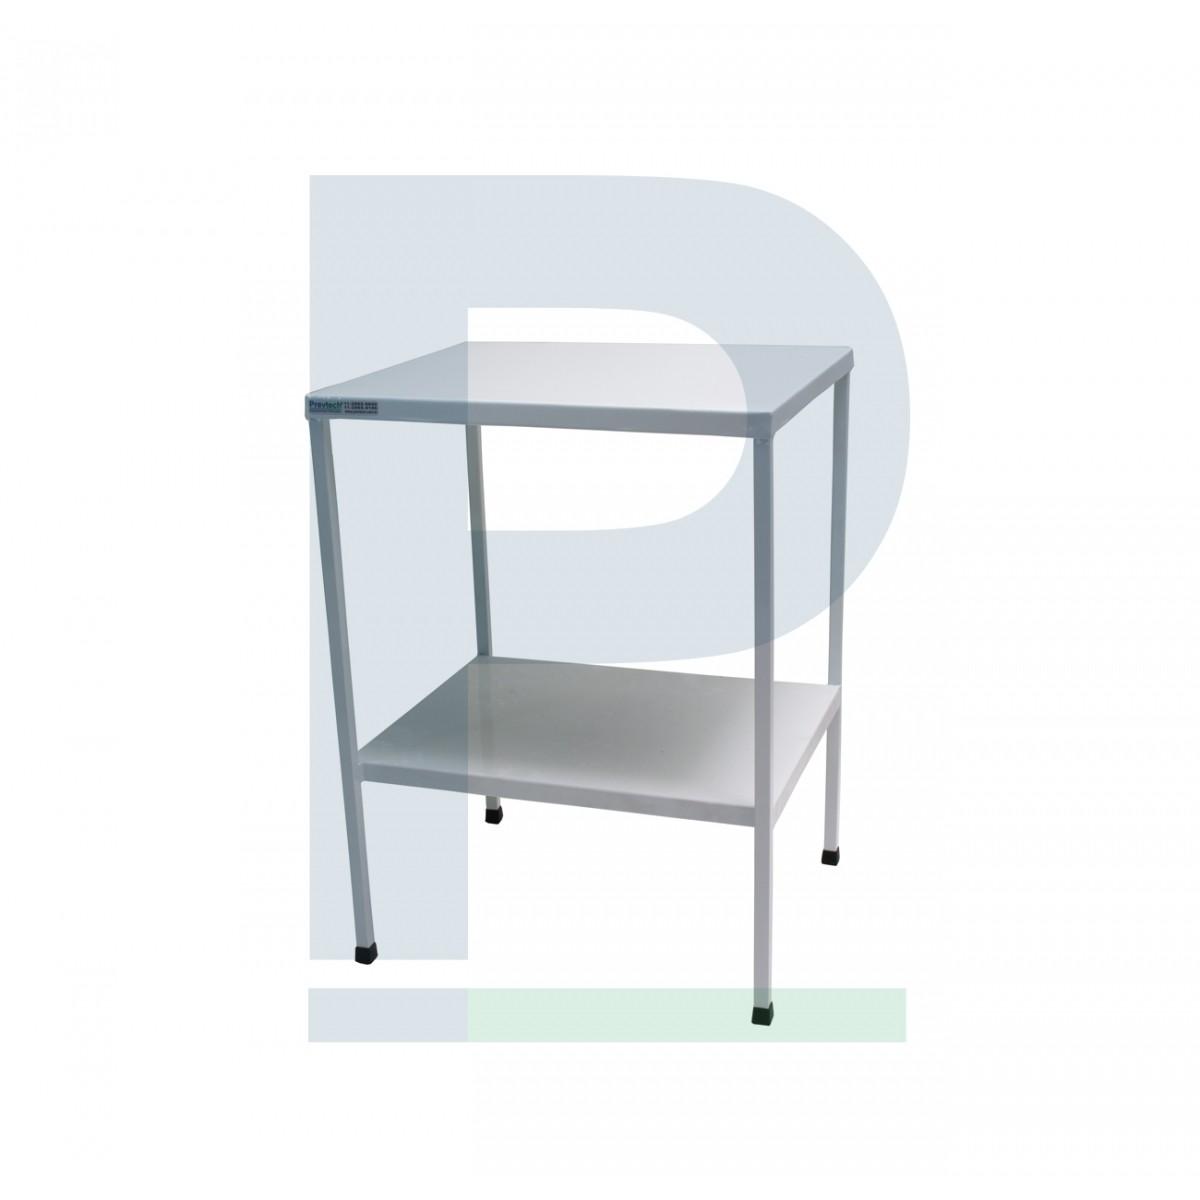 Mesa reforçada para estufa e autoclave